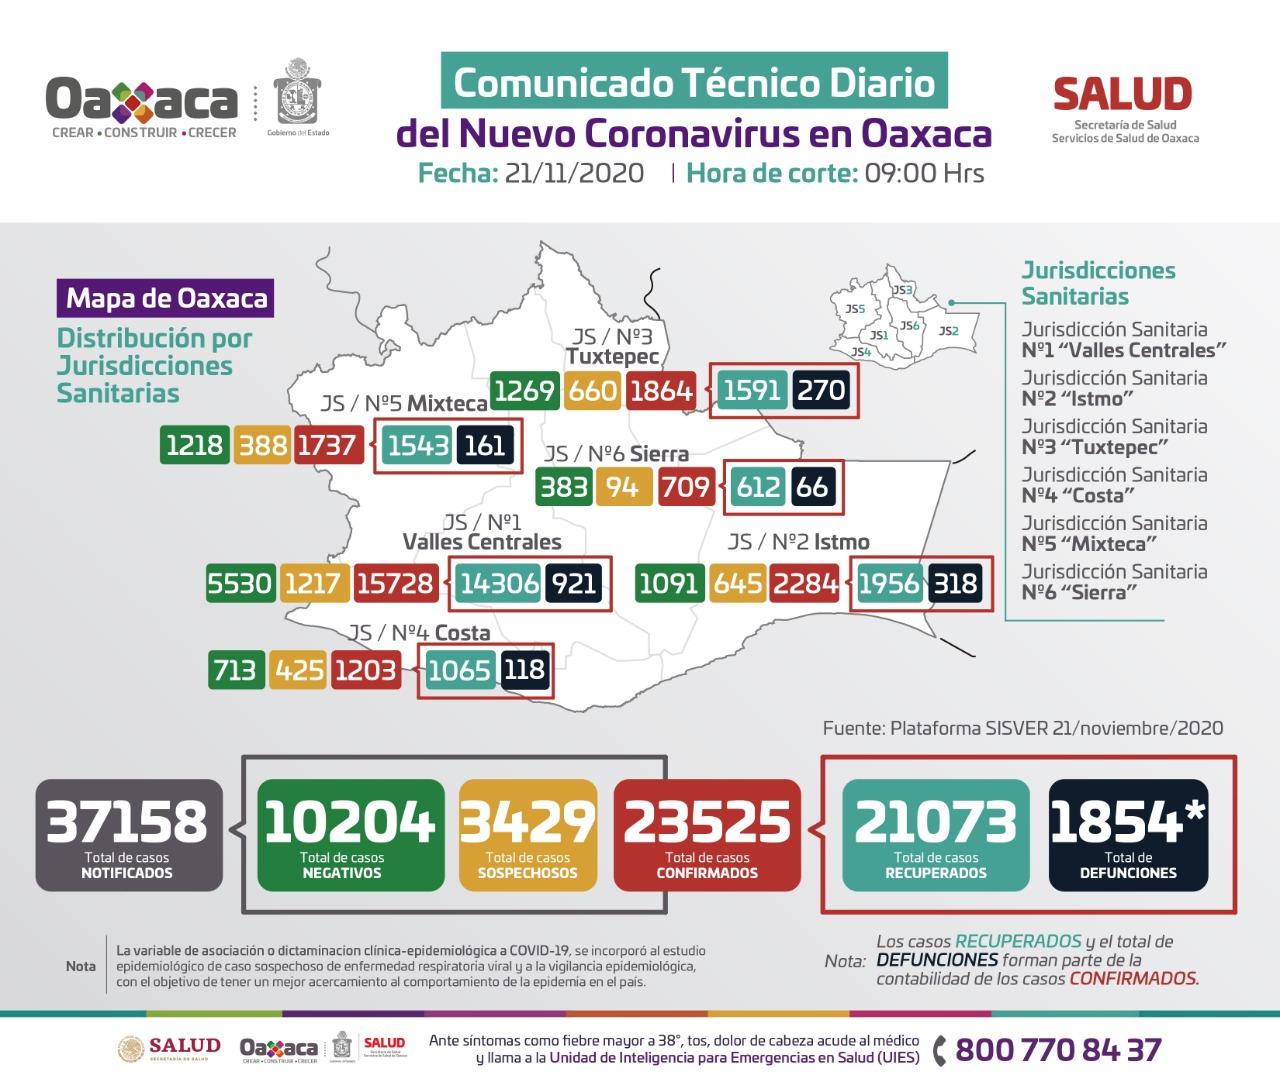 Registran 70 casos nuevos de Covid-19; Suman 23 mil 525 acumulados en Oaxaca